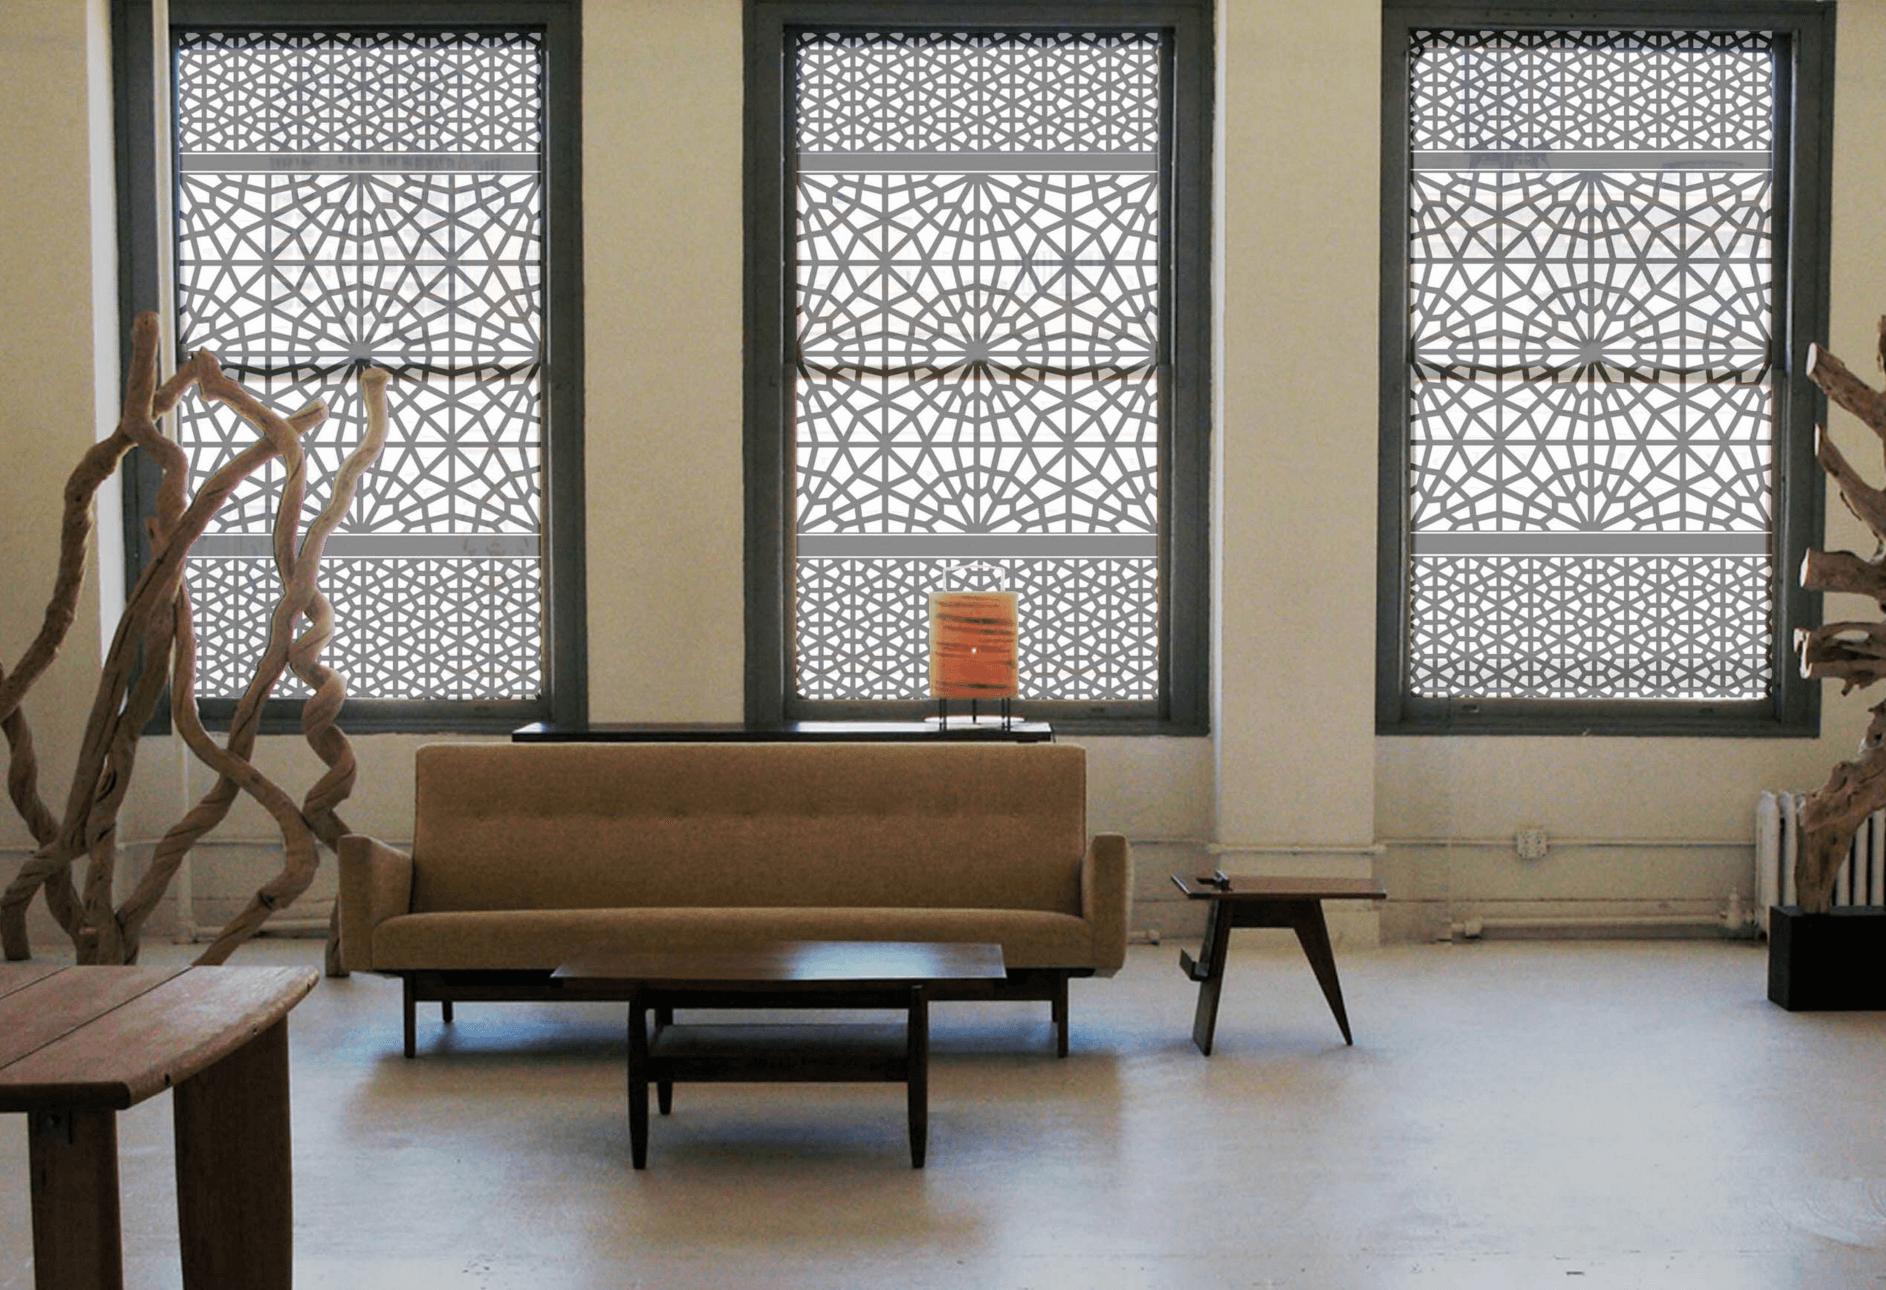 8 Ide Mendekorasi Jendela Rumah Anda Agar Kelihatan Cantik | Foto artikel Arsitag